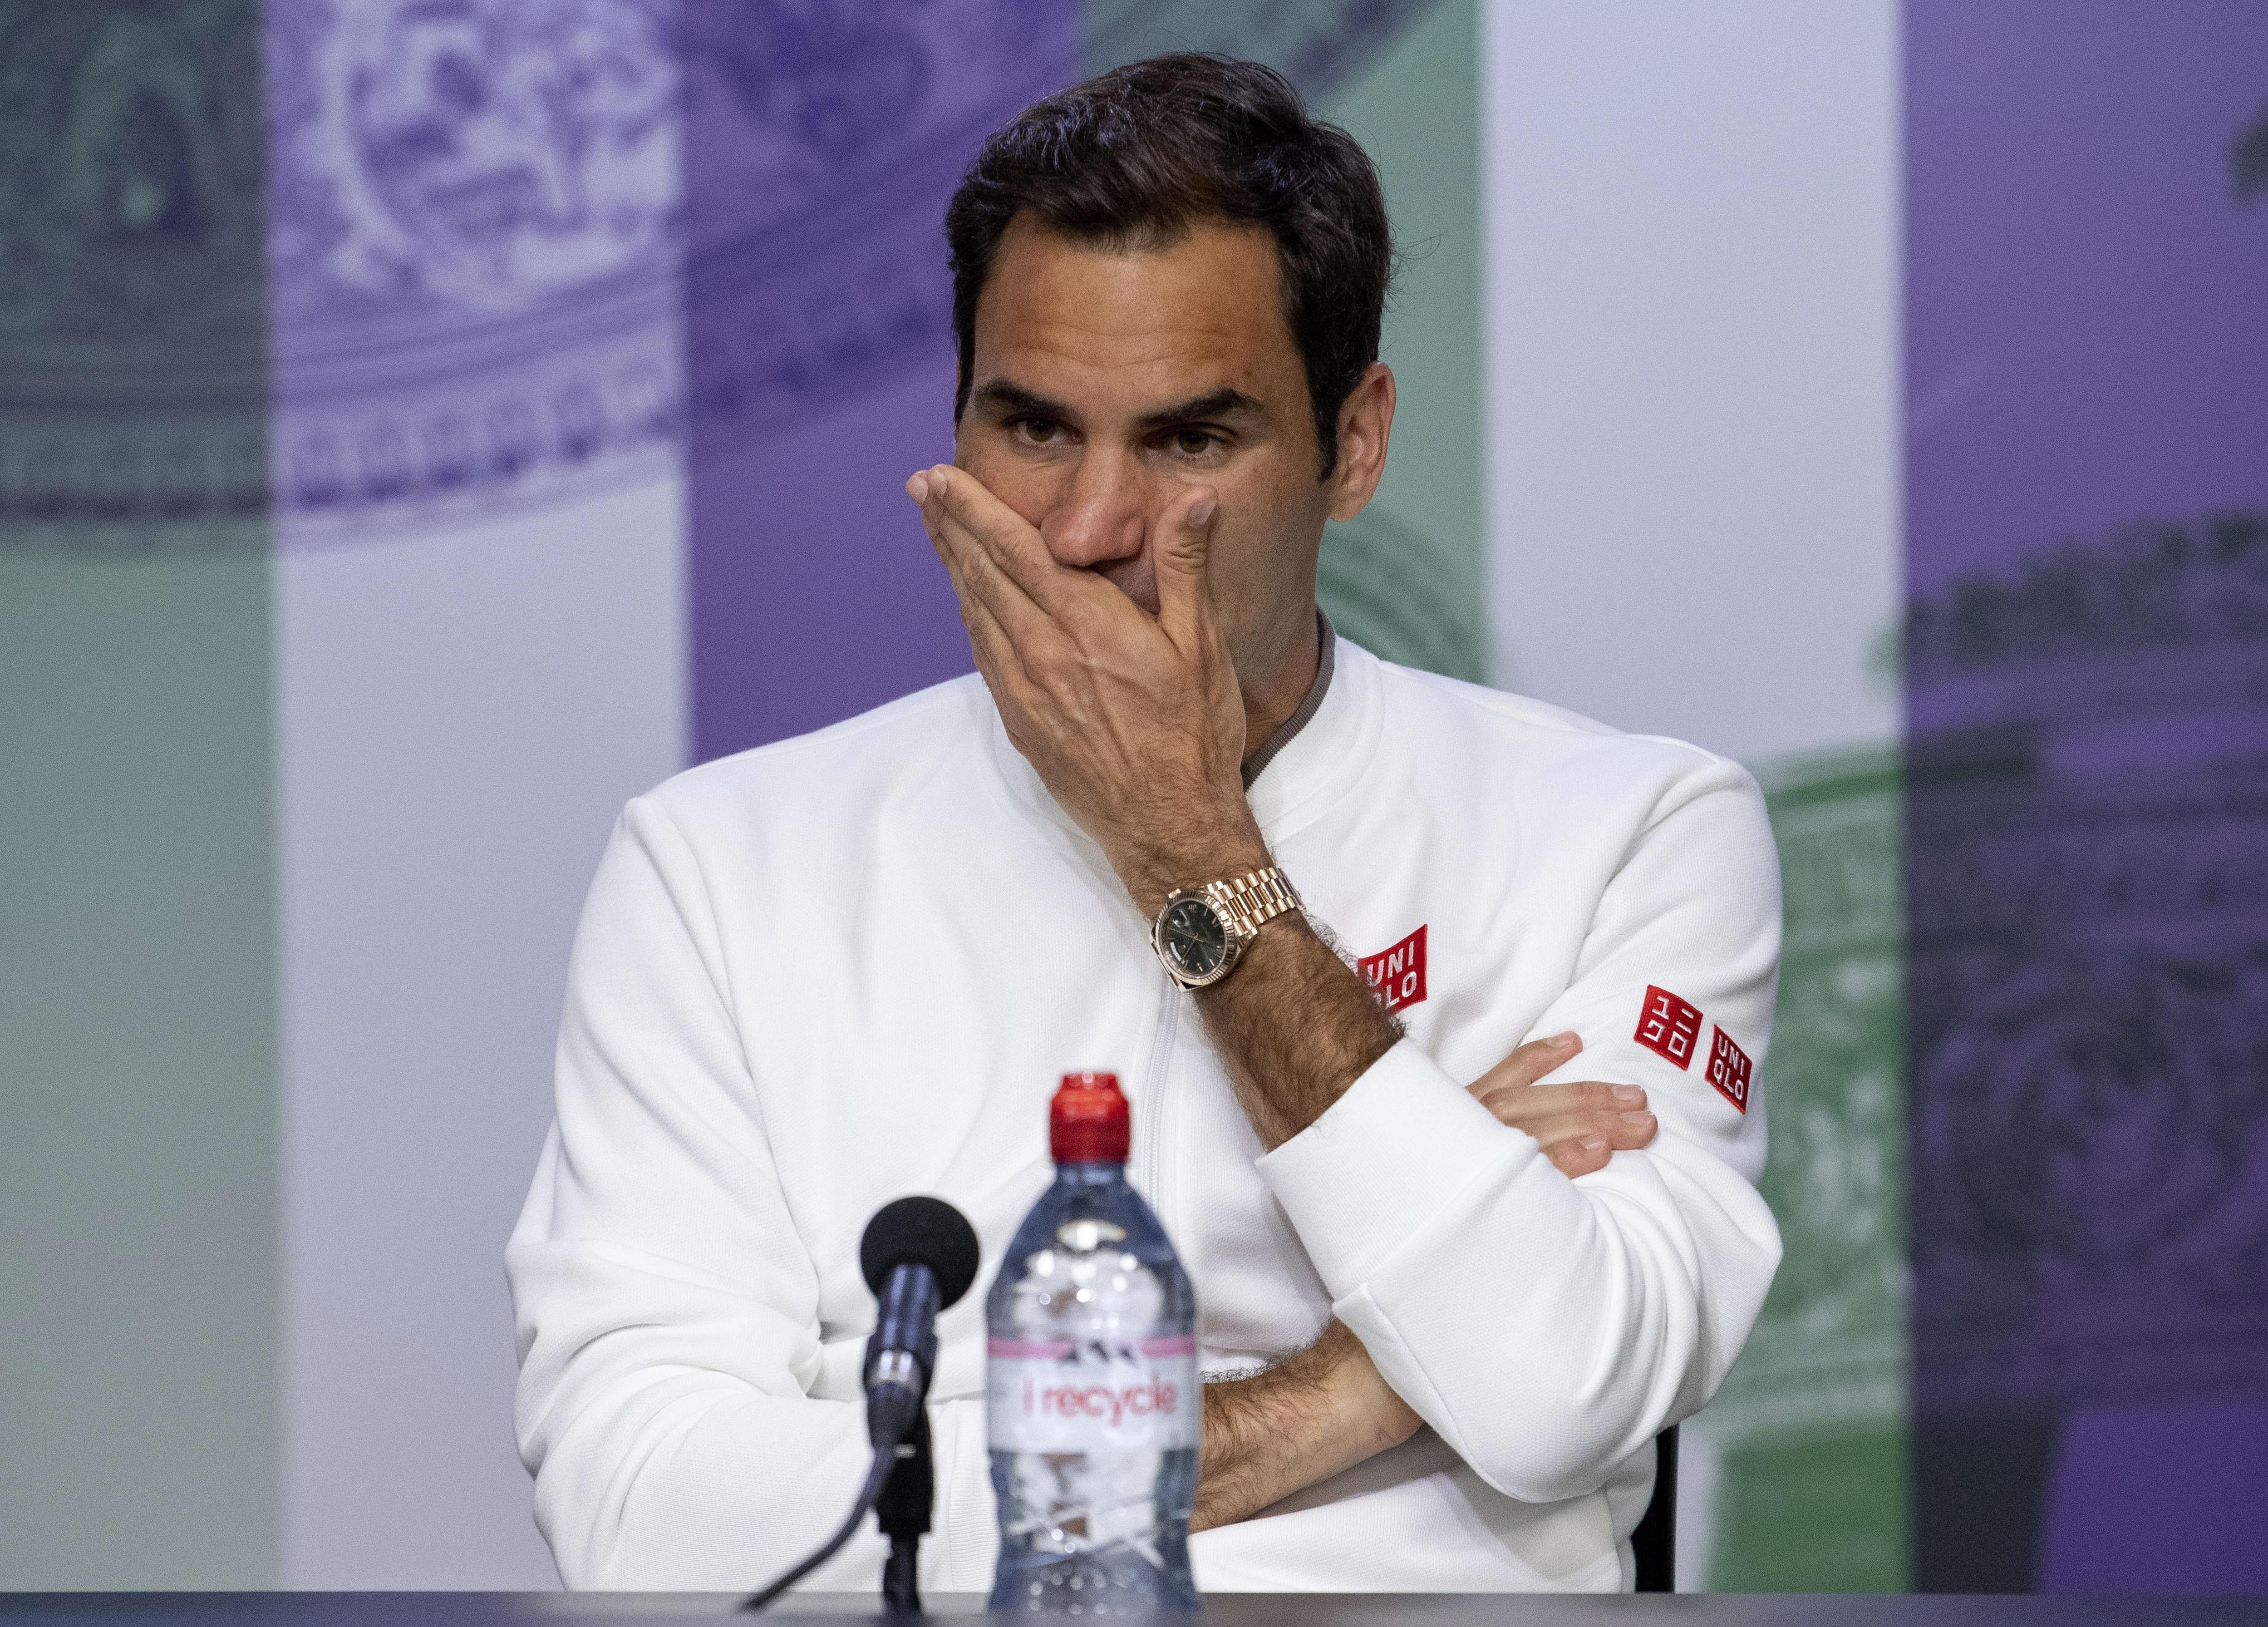 Federer posle Vimbldona završava karijeru! Švajcarac uzdrmao teniski svet, nije siguran za Tokio